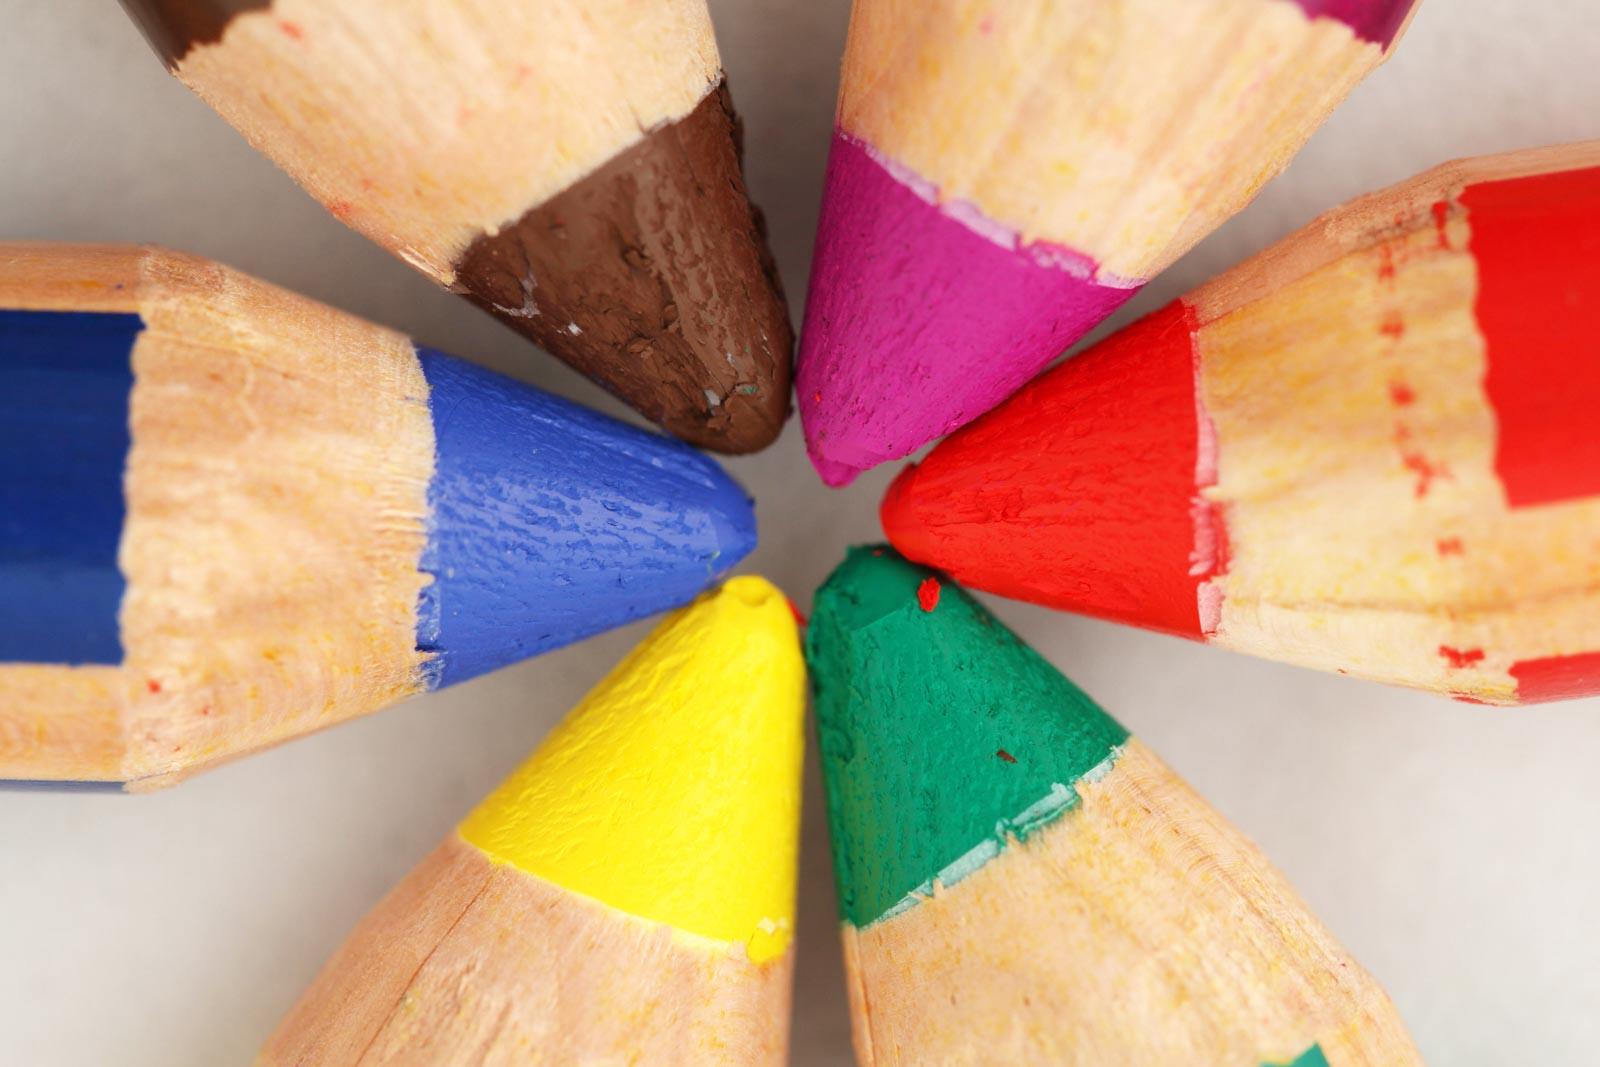 Punten van gekleurde potloden van bovenaf gefotografeerd